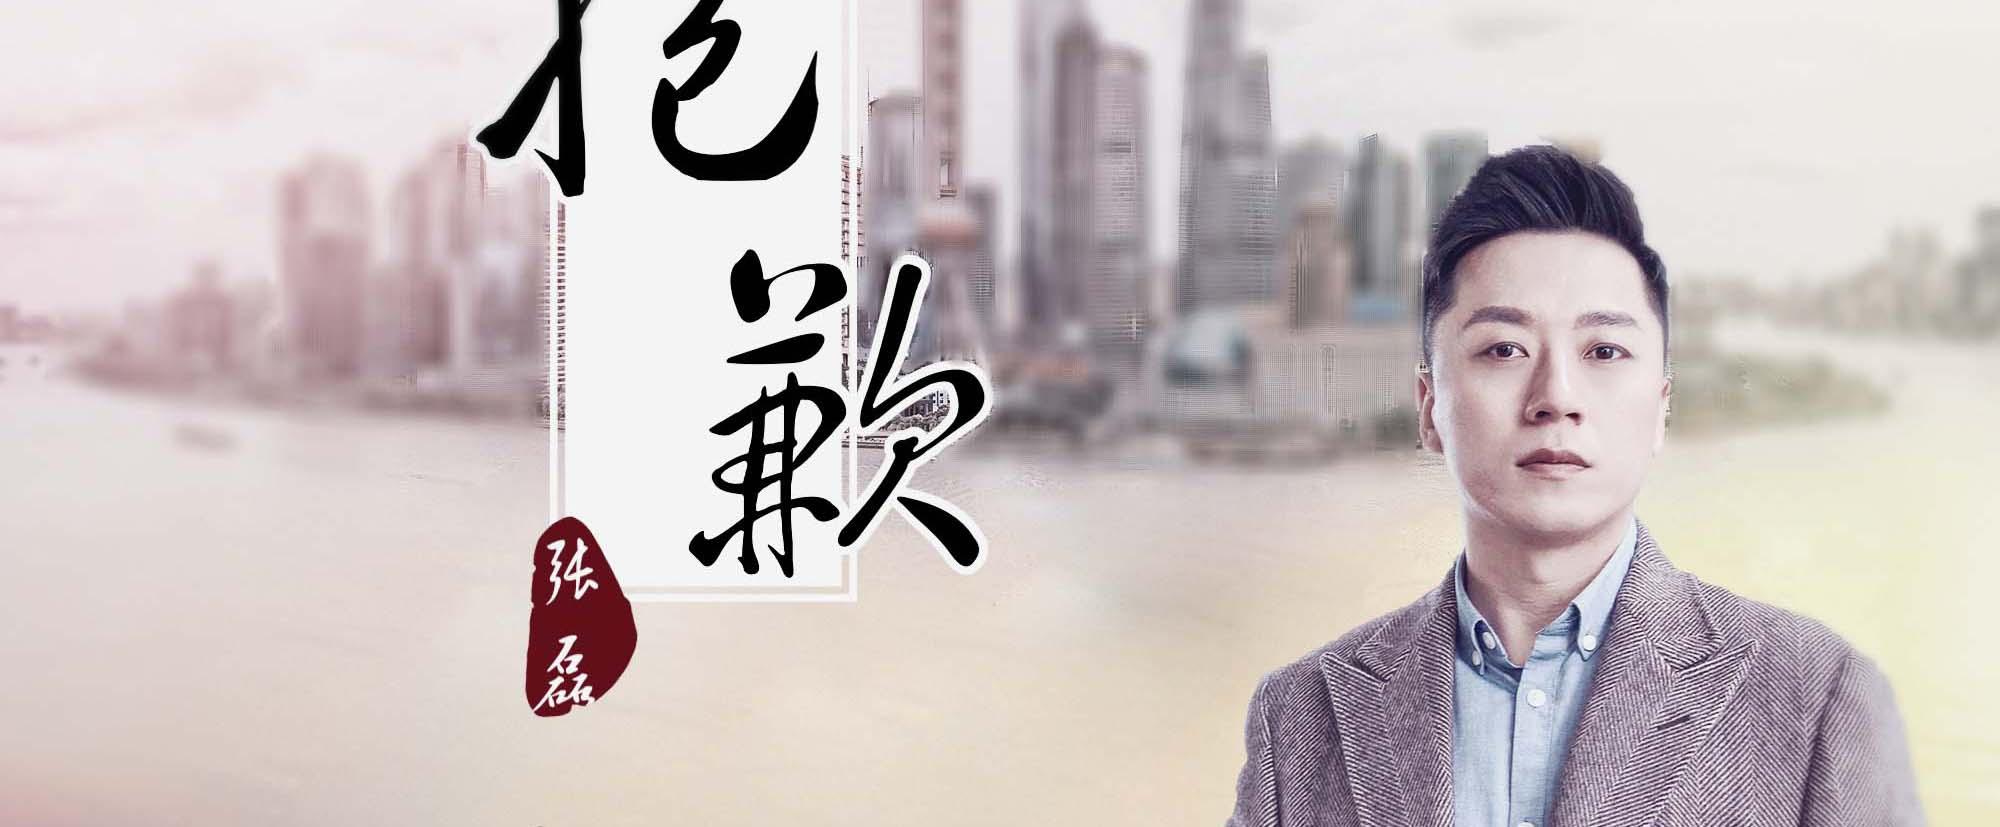 张磊献唱电视剧《大浦东》插曲近日上线